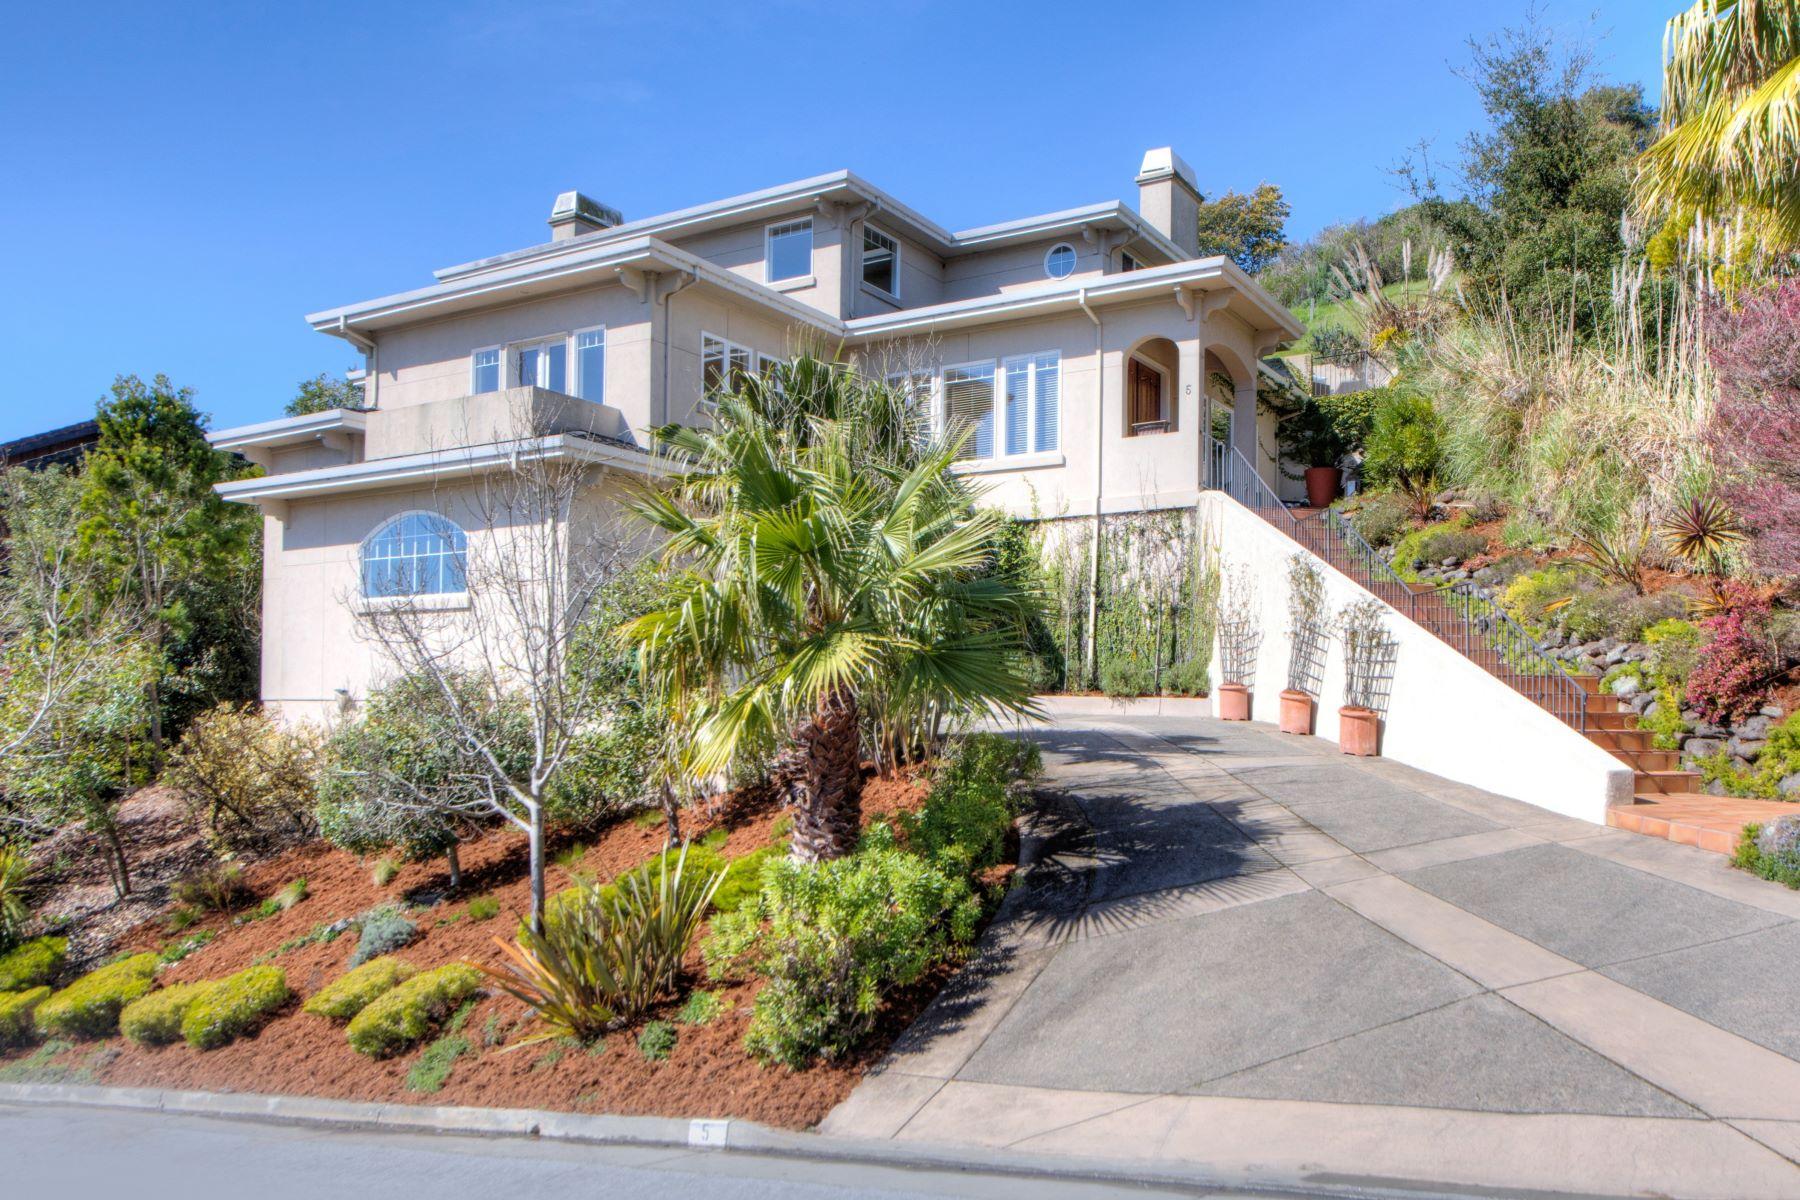 Casa Unifamiliar por un Venta en Perfection & Elegance in Mill Valley 5 Vista Real Mill Valley, California, 94941 Estados Unidos